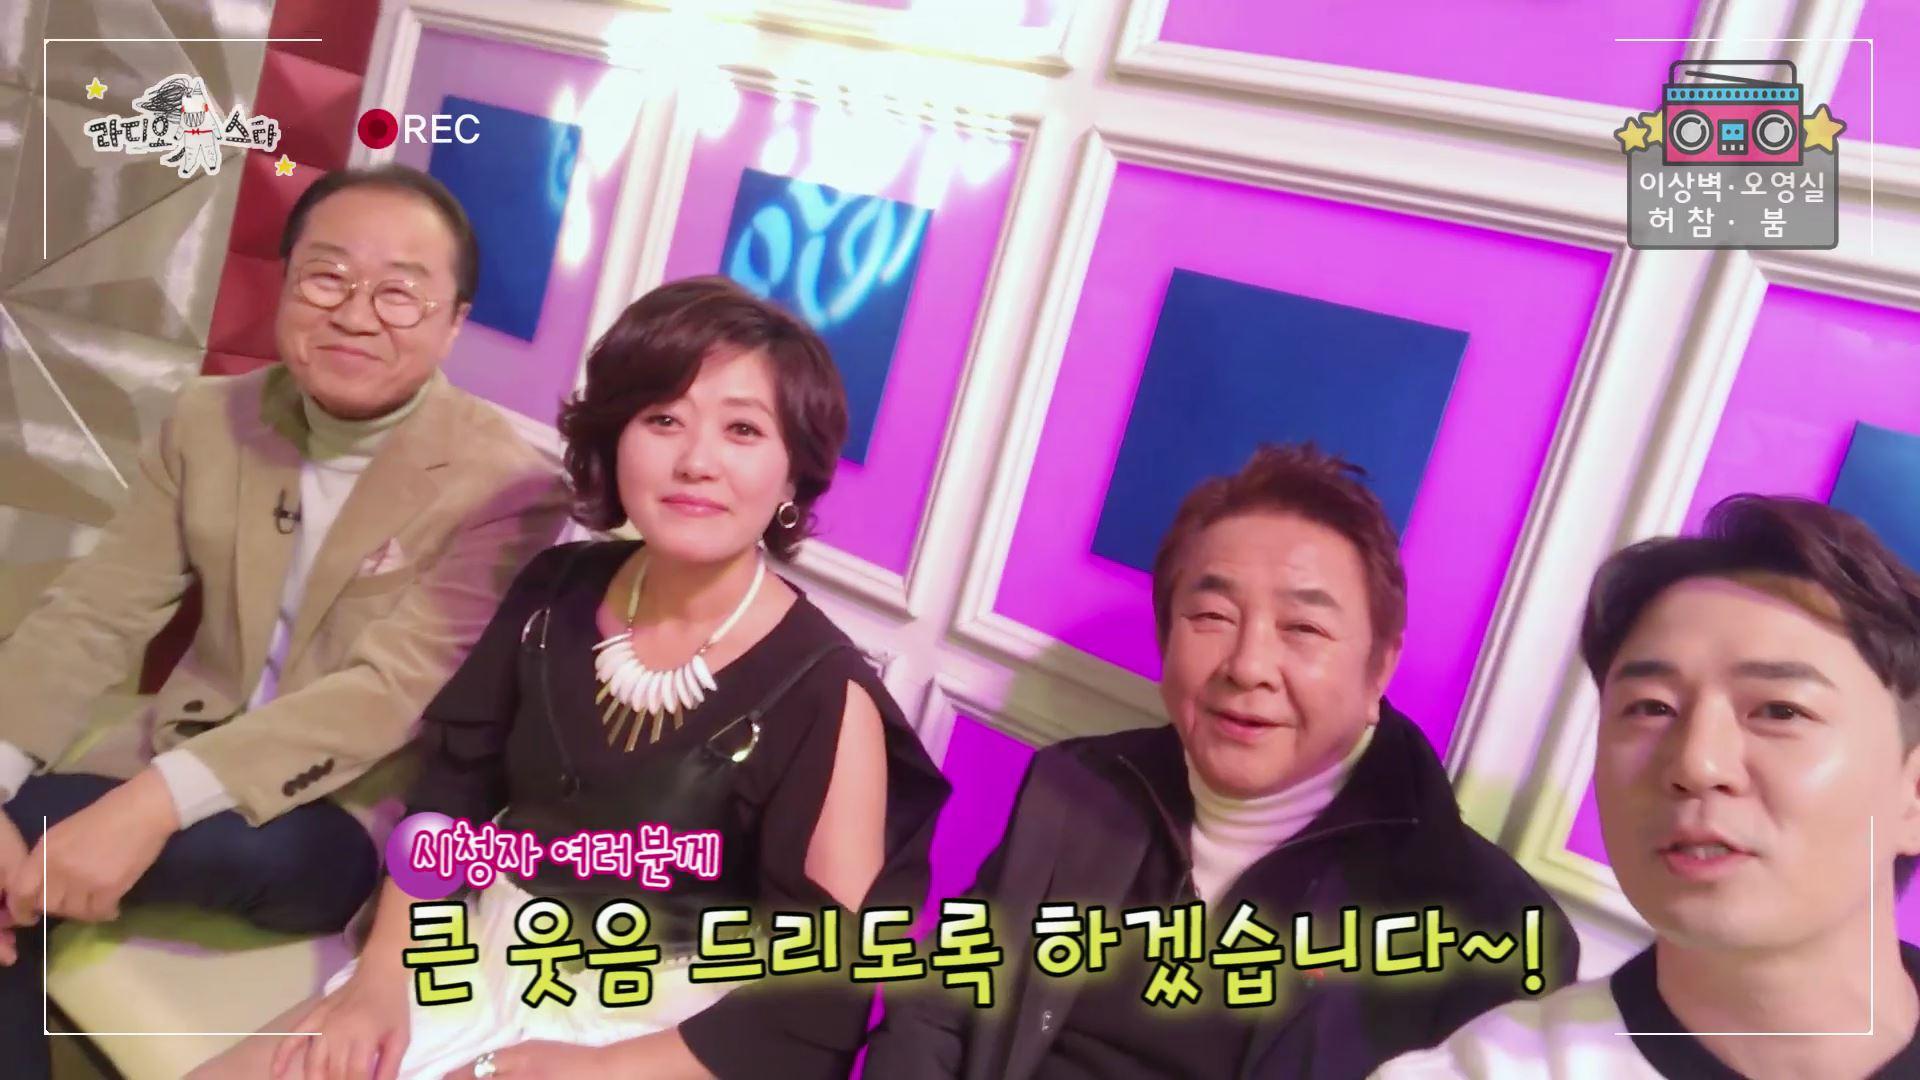 [셀프캠] '라디오스타' 오늘 토크 밤샘각? 이상벽-오영실-허참-붐, 20세기 최고 MC 특집!